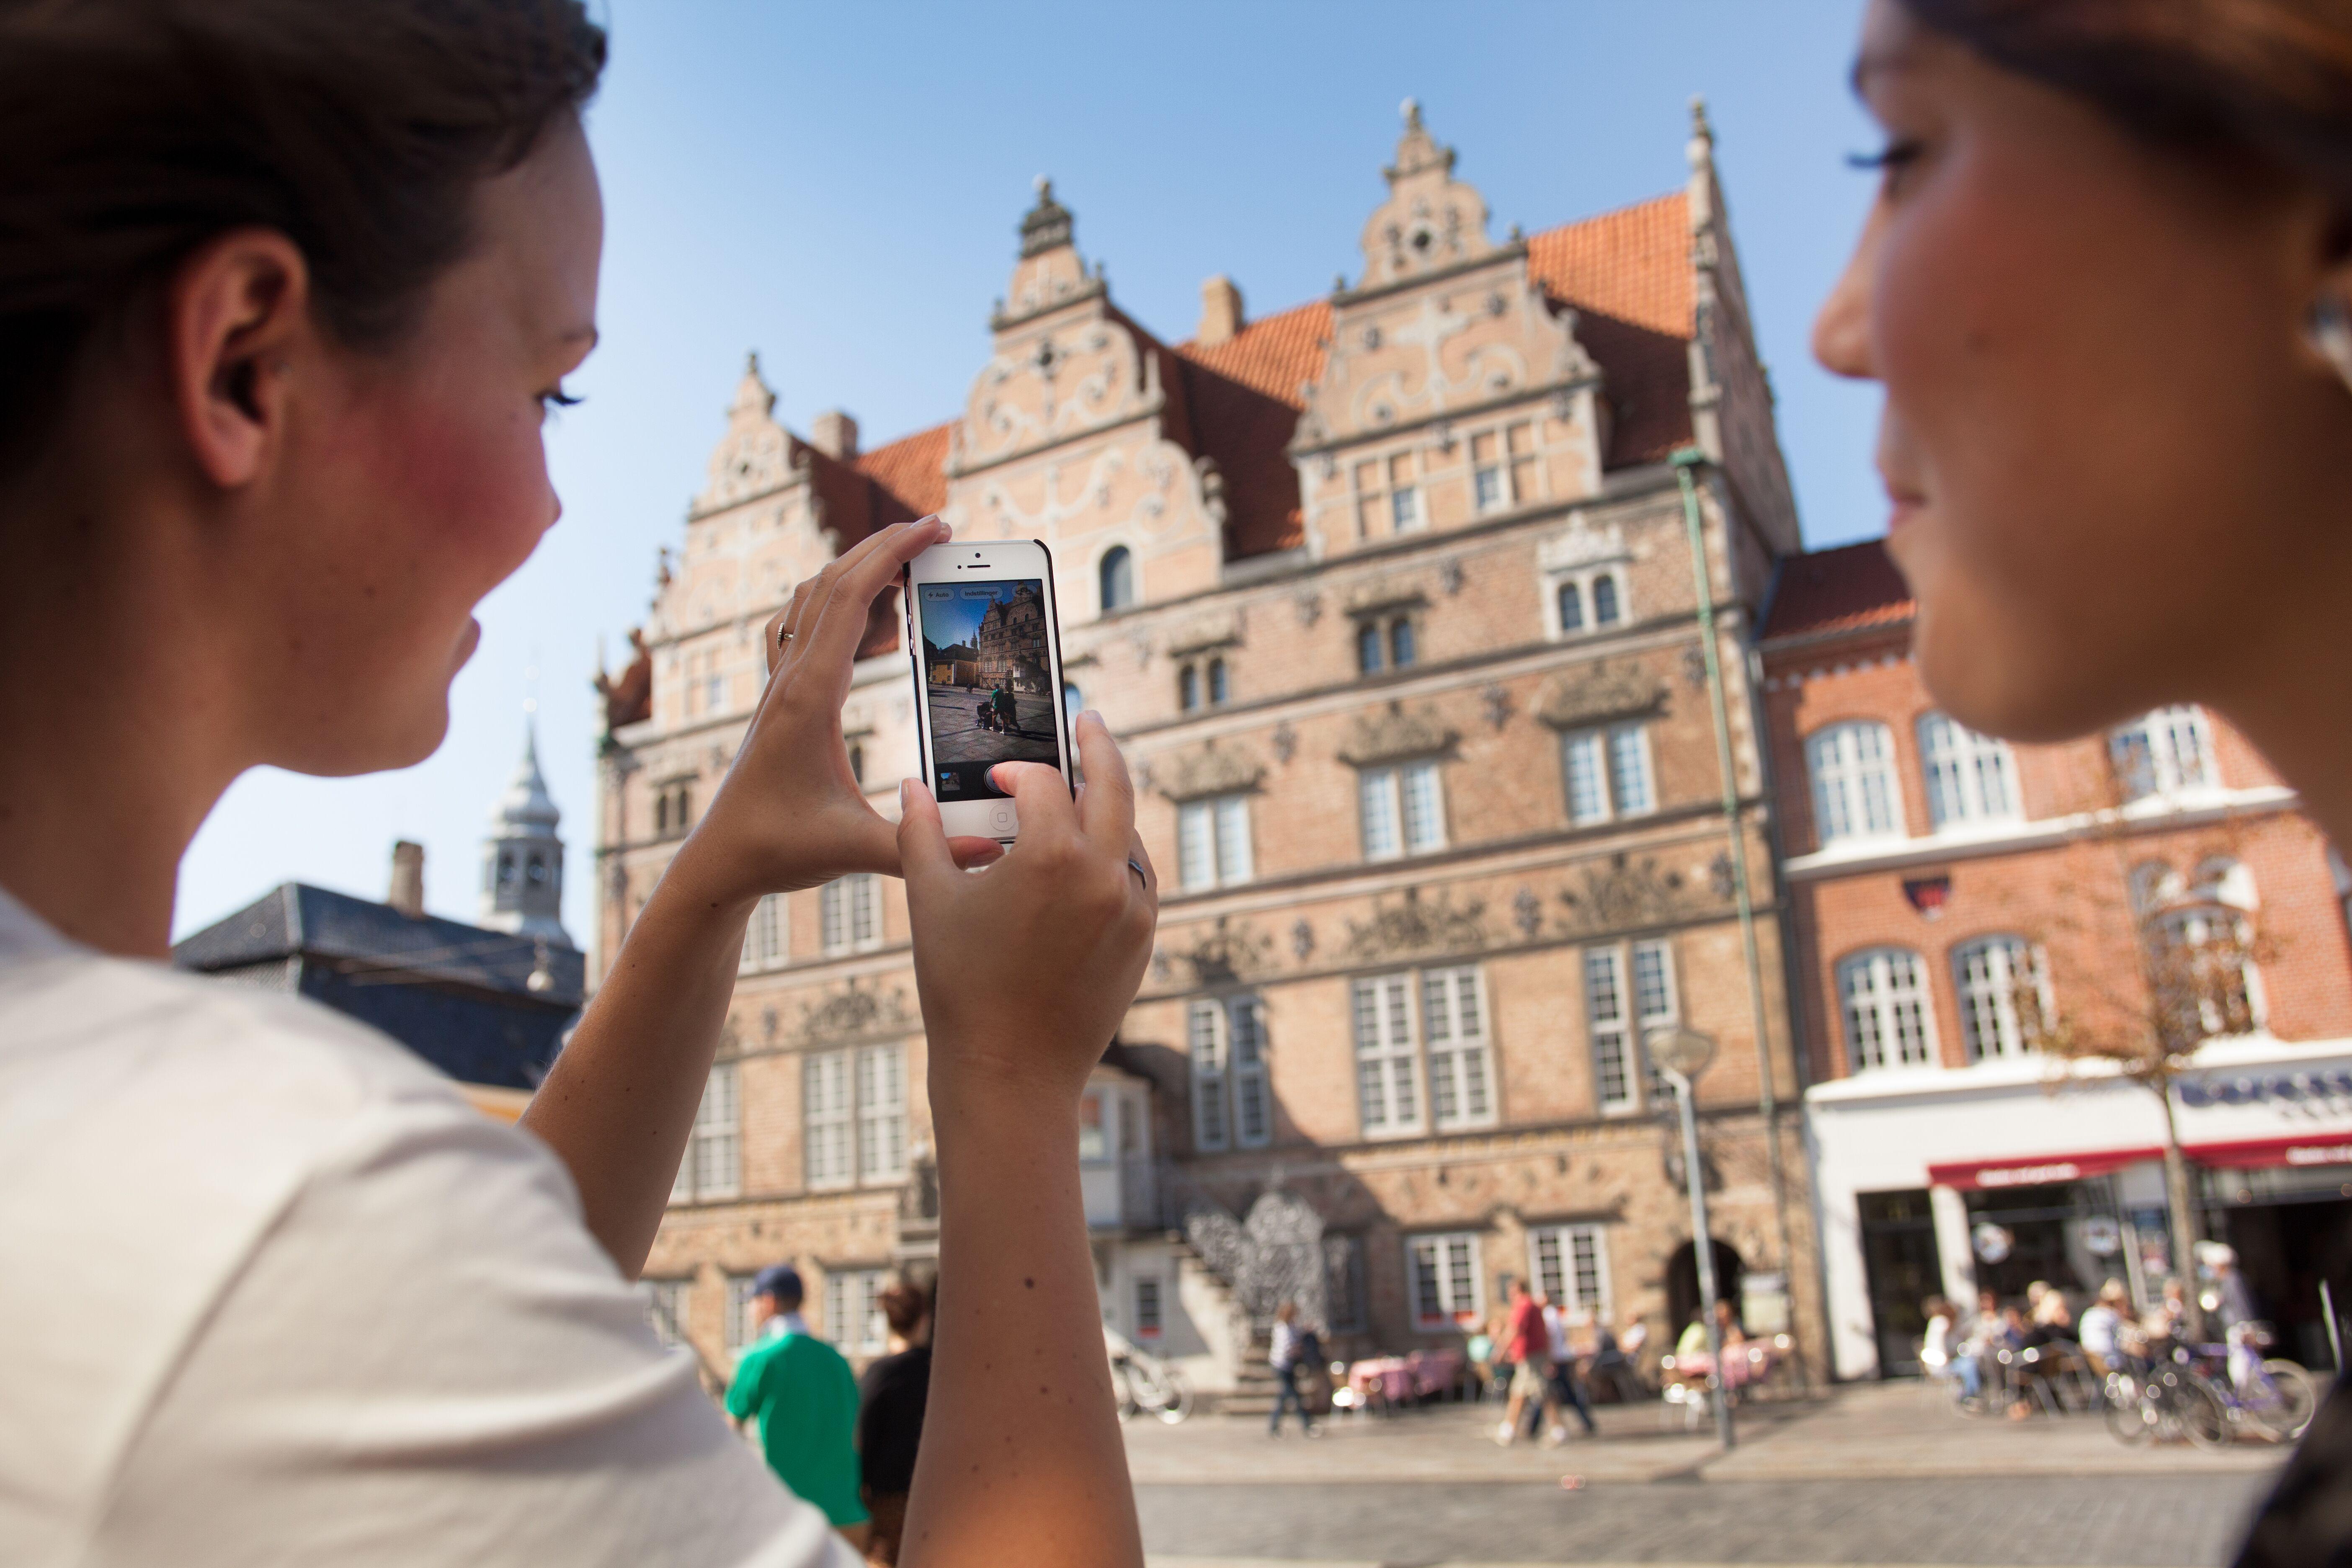 Fra januar til maj i år var der 15,4 millioner registrerede overnatninger i Danmark, de 8,3 millioner var danskerne selv, mens Tyskland atter var største udenlandske leverandør. På arkivbilledet er turister foran en af Aalborgs store turistattraktioner, Jens Bangs Stenhus. Pressefoto: VisitAalborg.